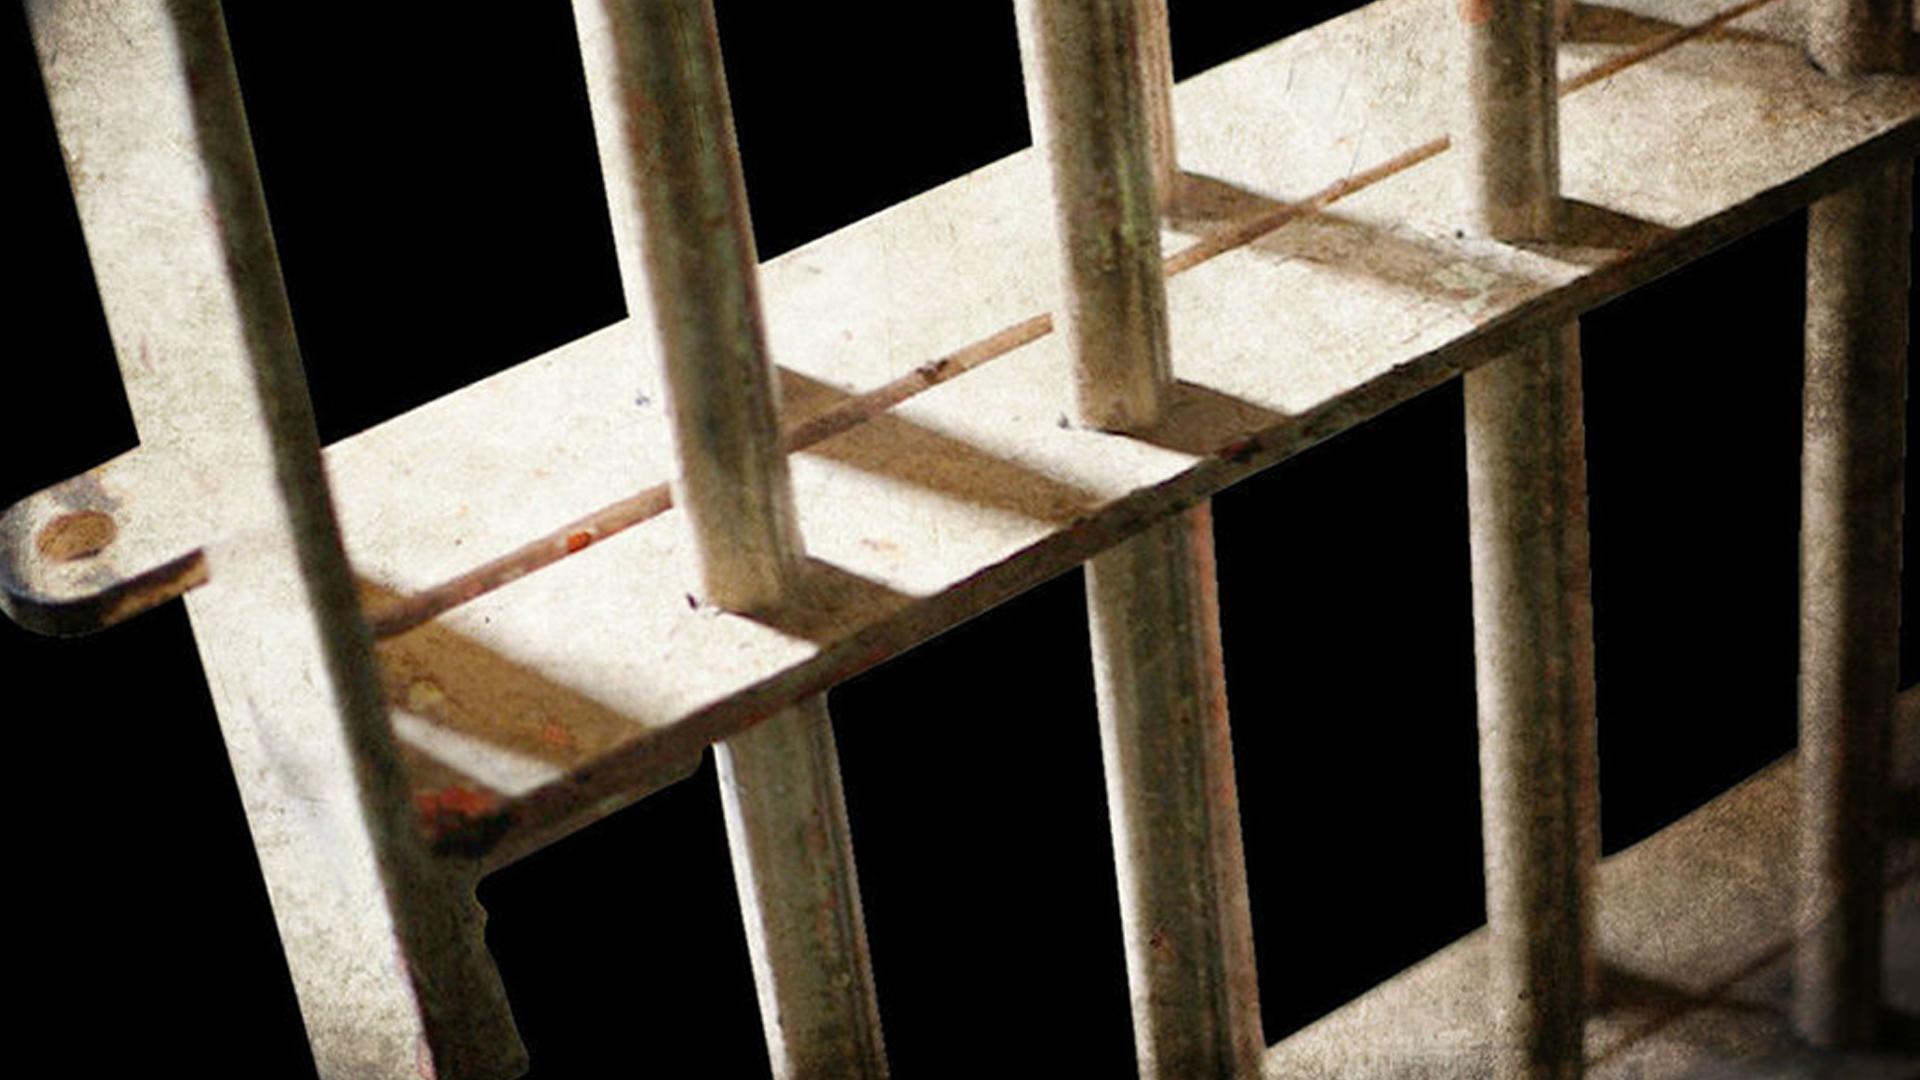 jail bars_genertic_1550266443086.png.jpg